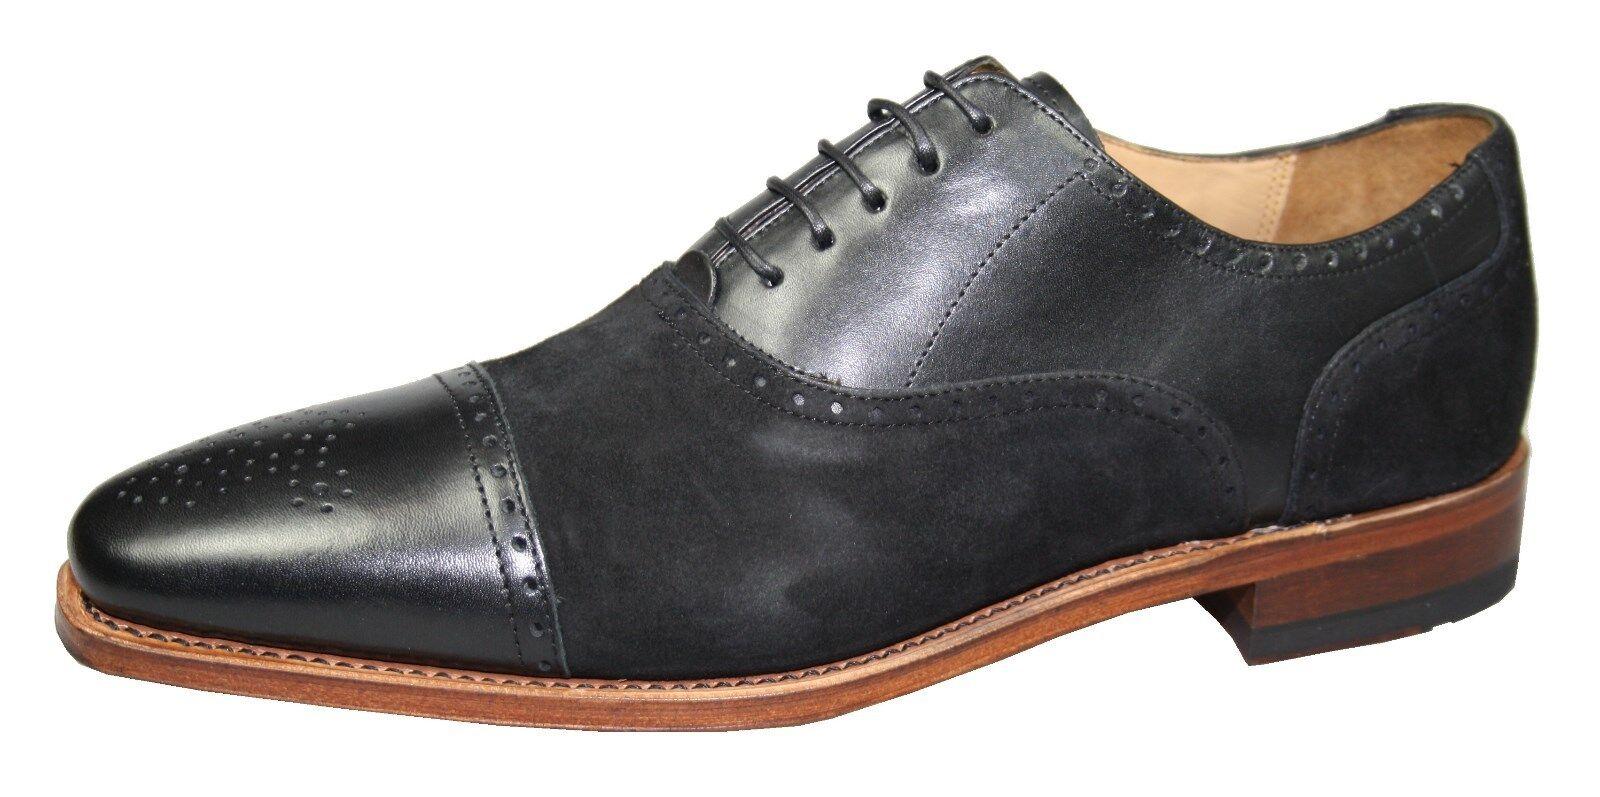 Gordon & Bros. 2830 Lucquin rahmengenähte Schuhe 41 Einzelpaar zum Sonderpreis